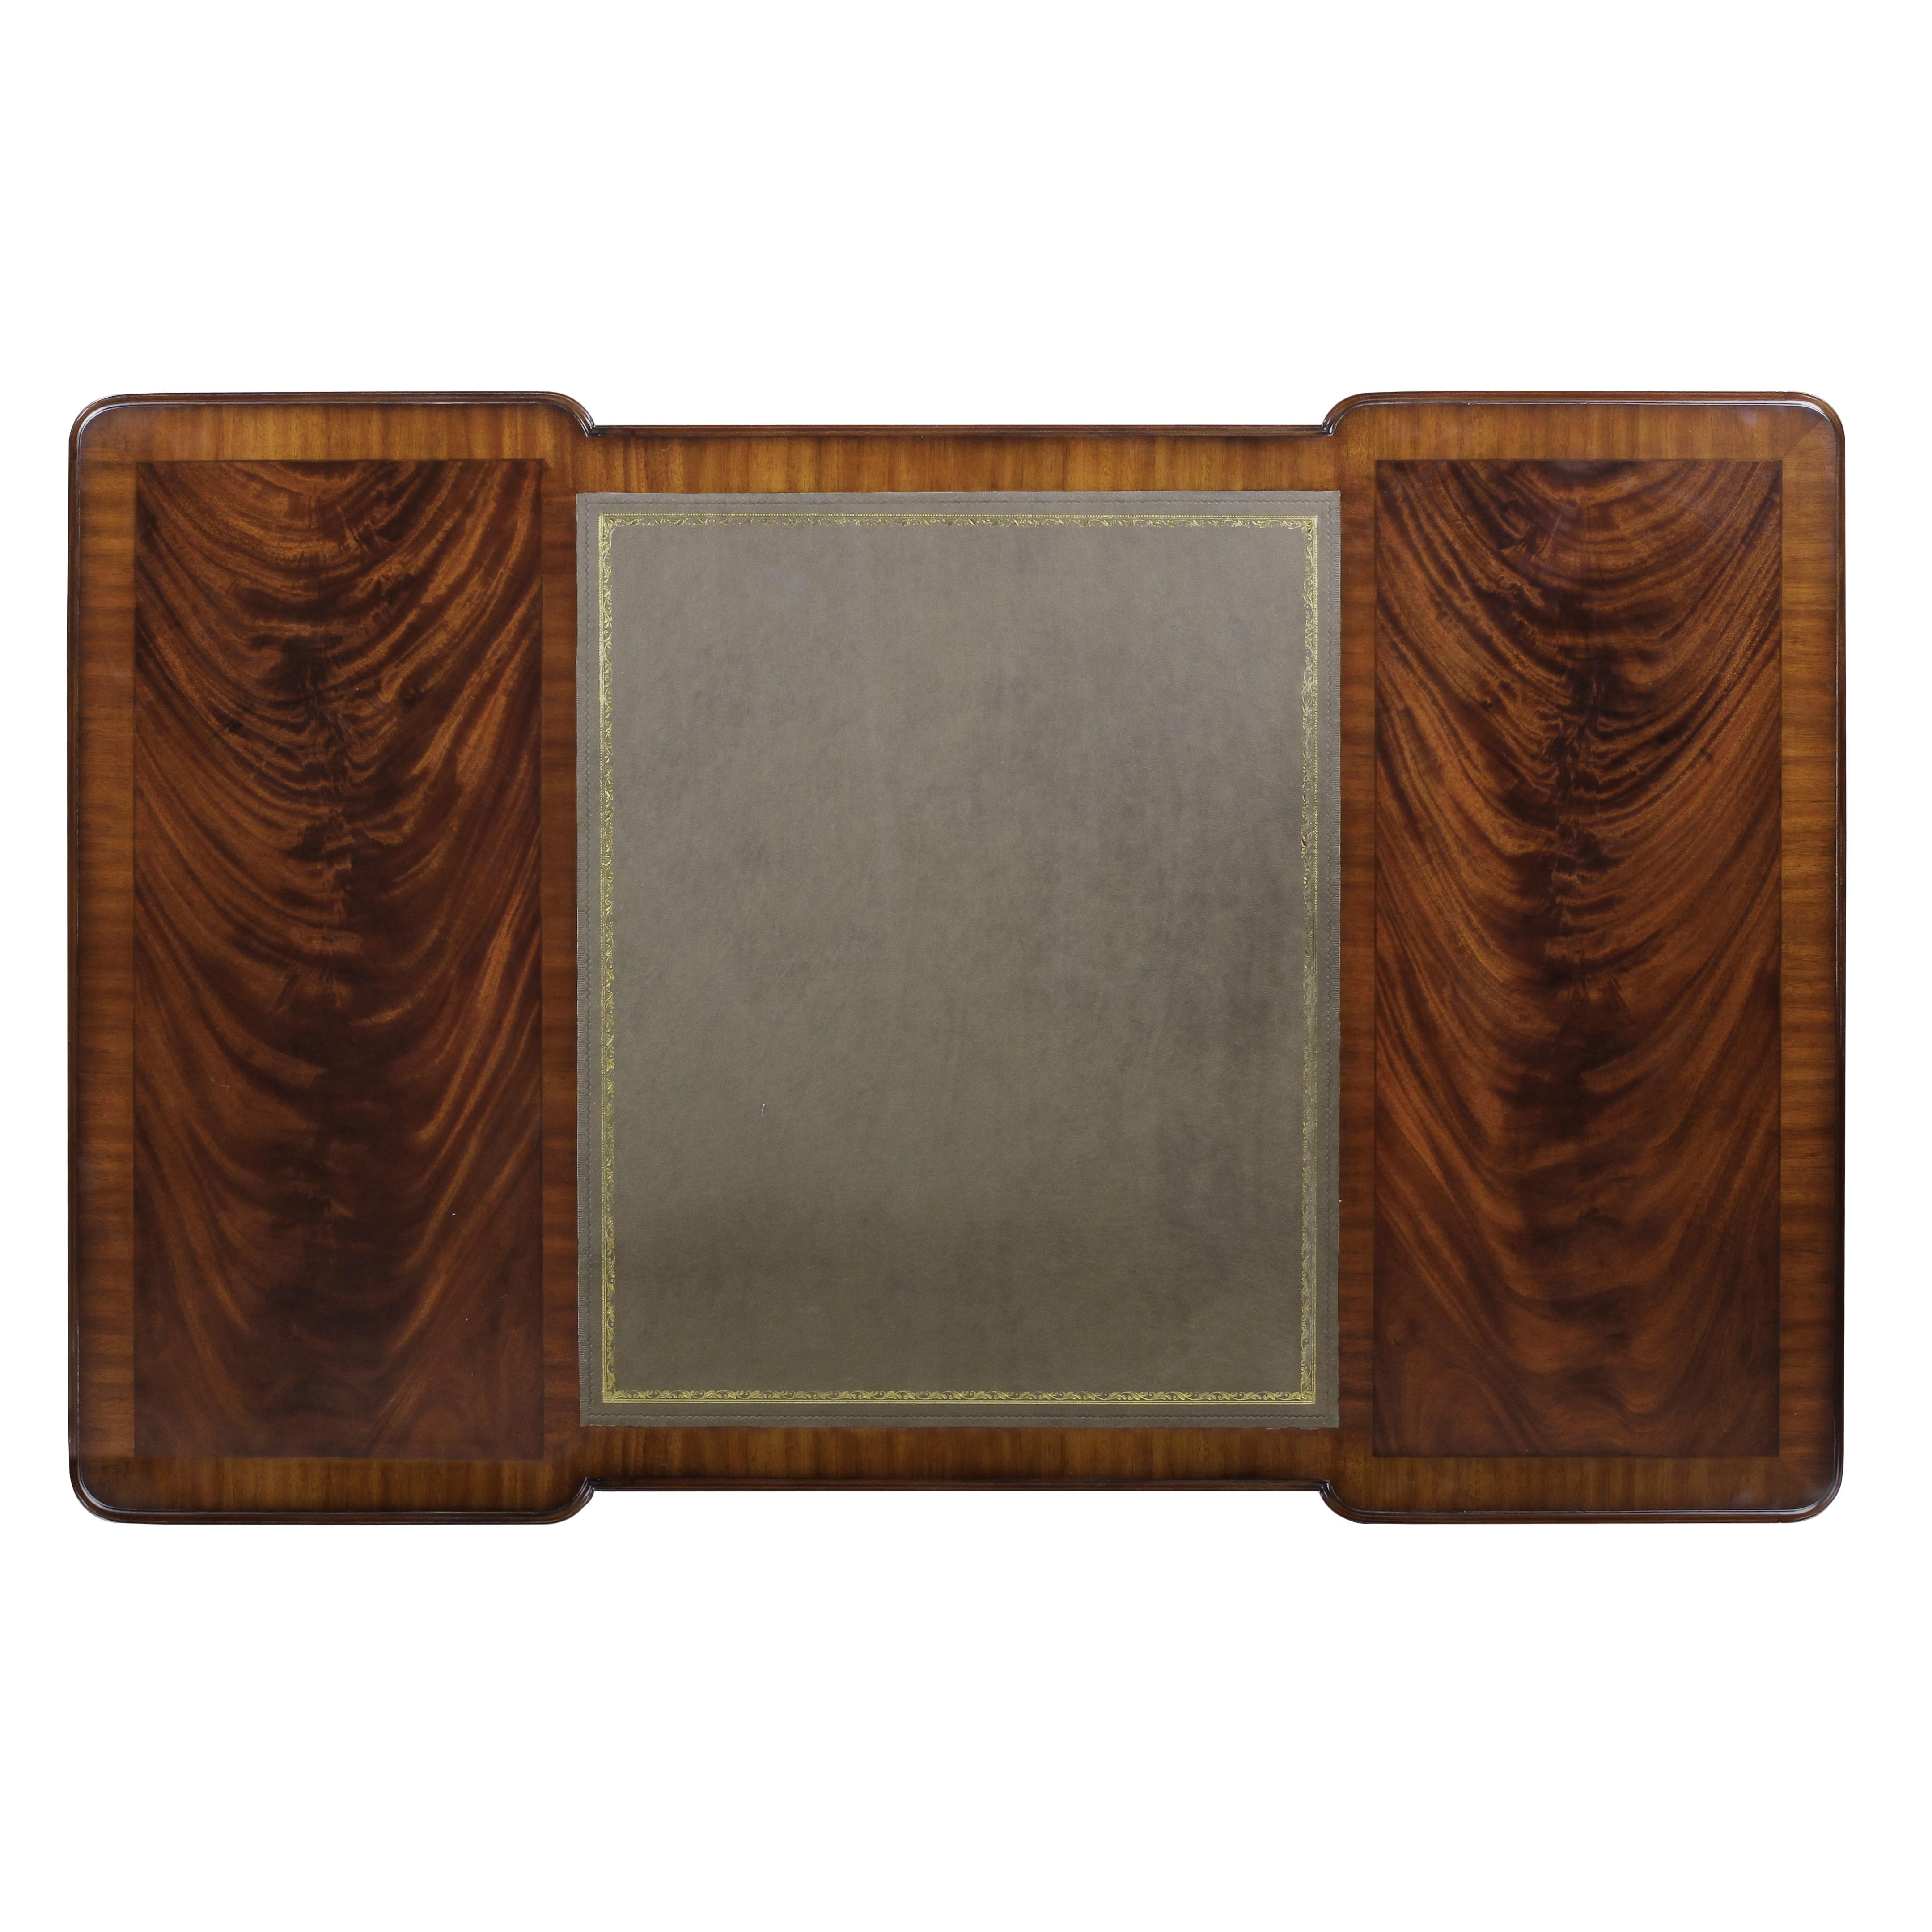 34398L - Partner Desk BC, Leather EM + AGRN 4